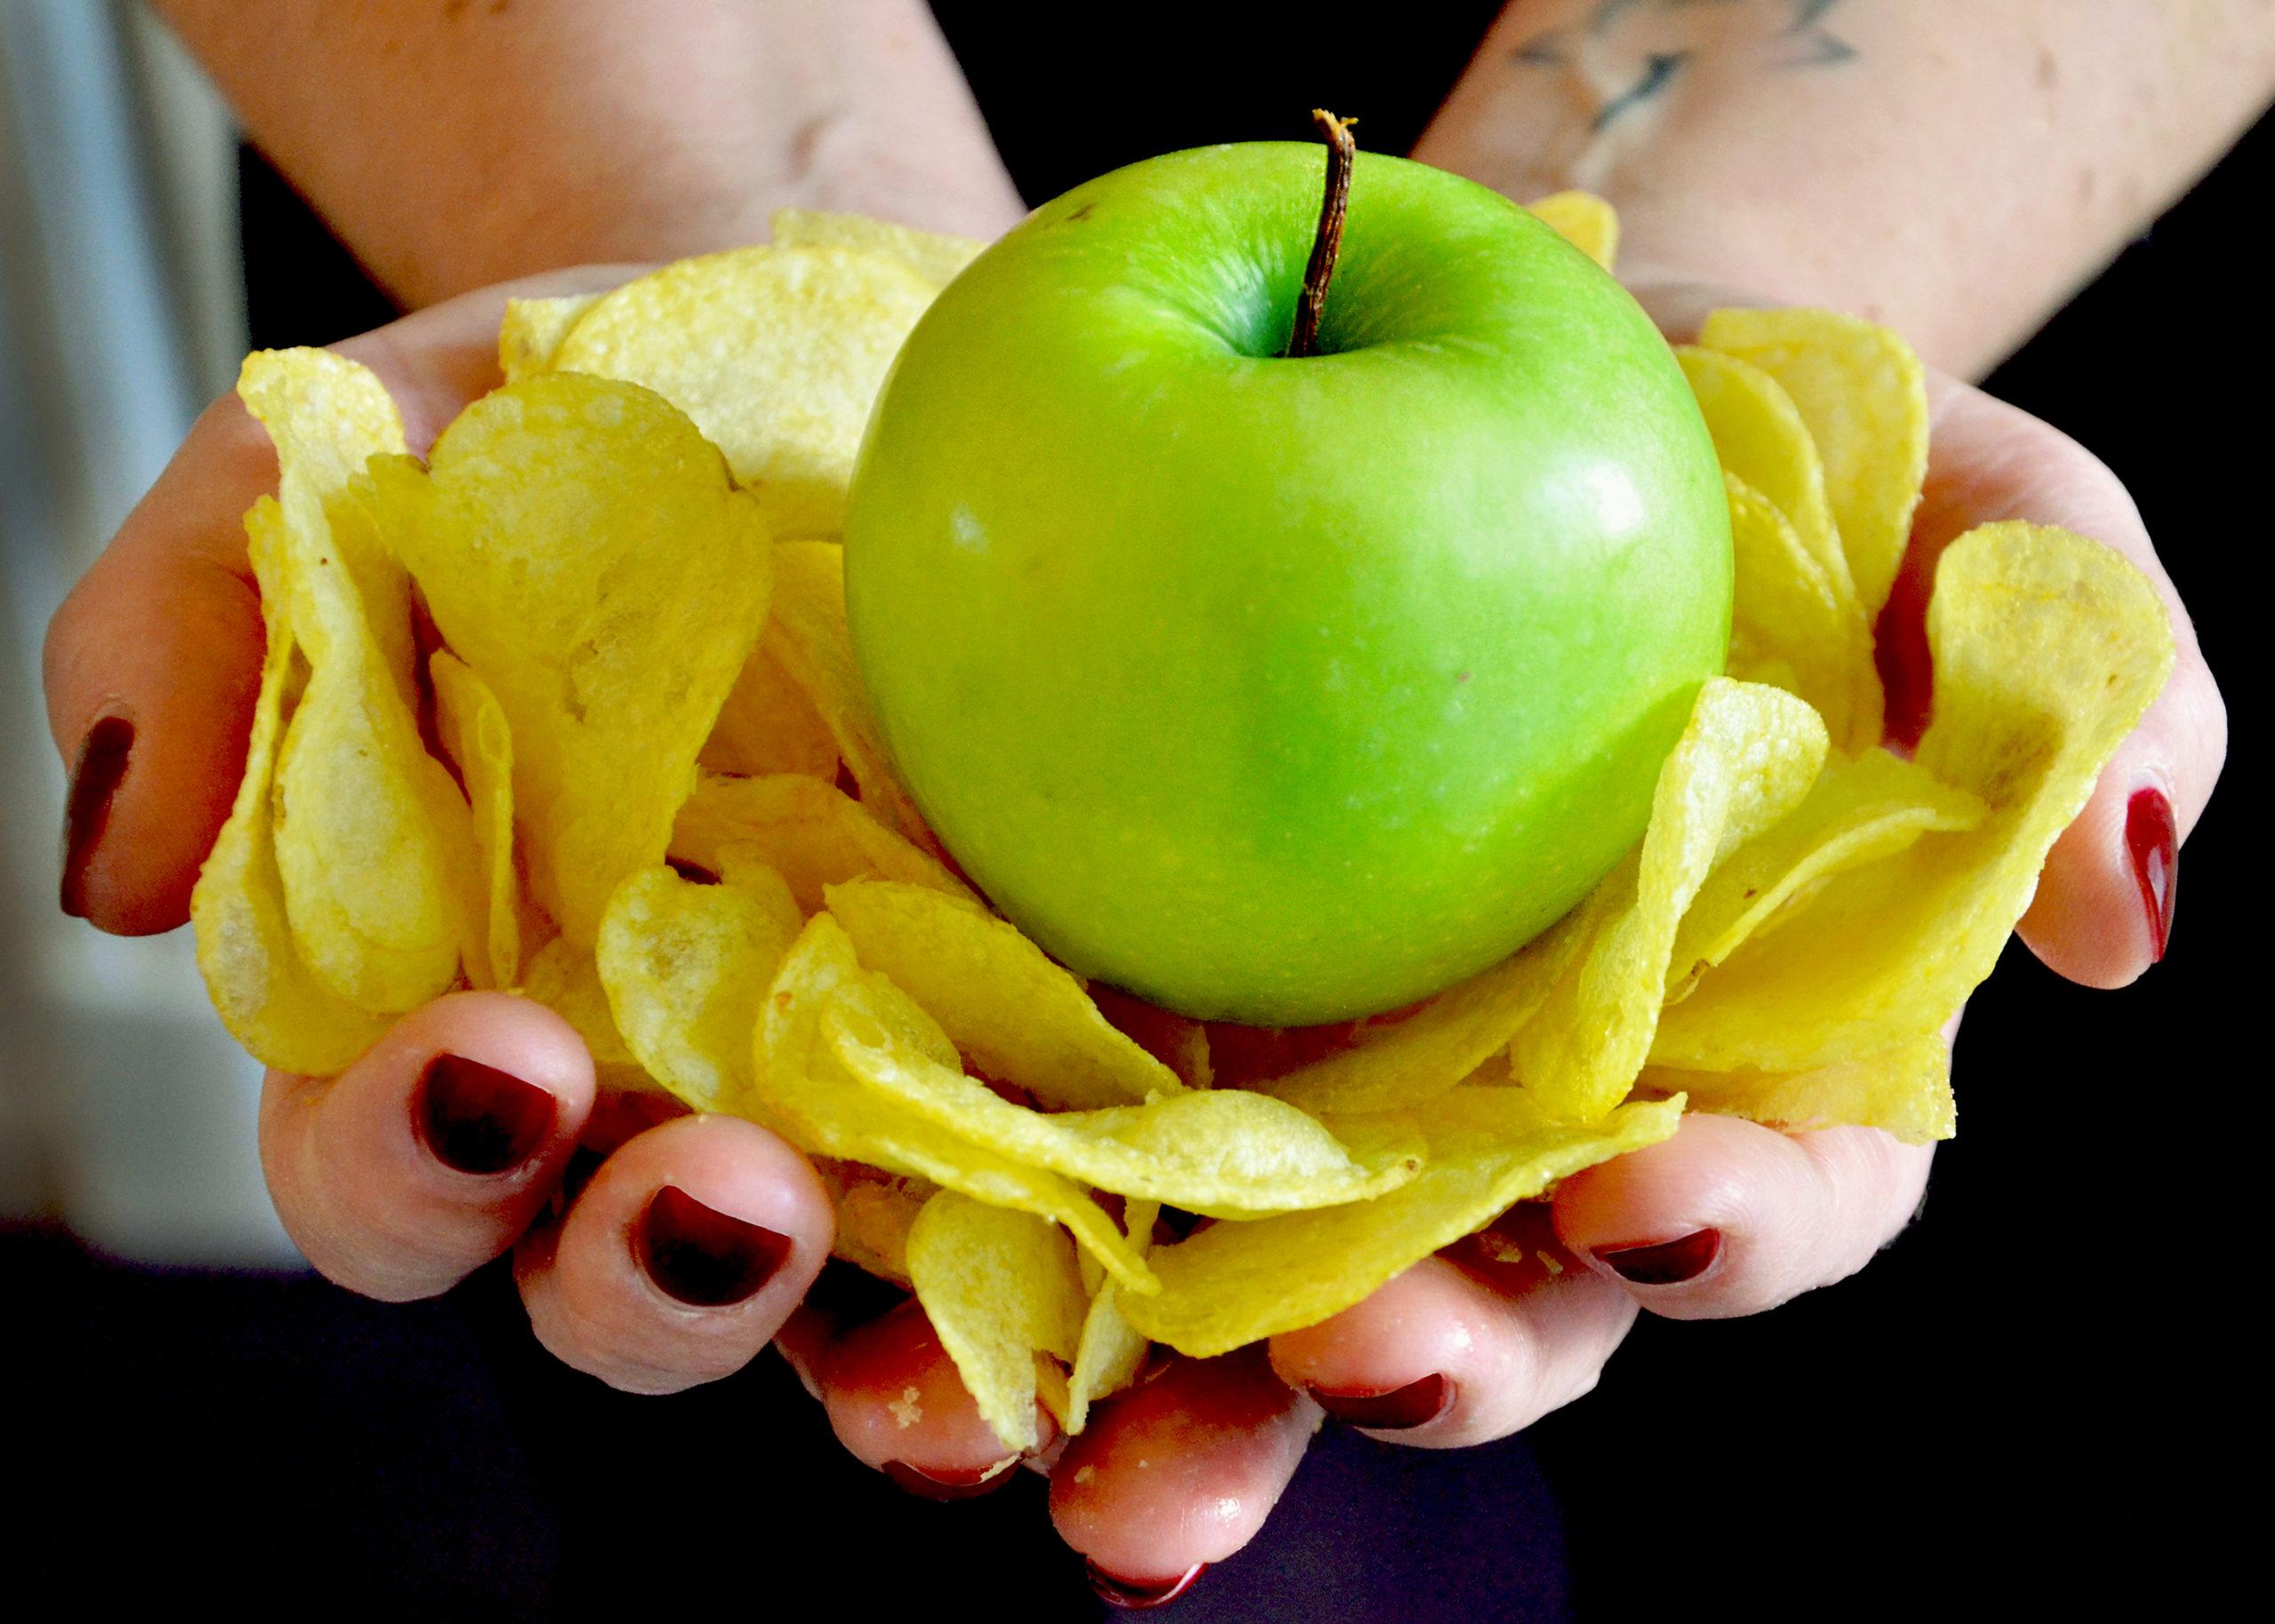 chips en een groene appel. Gezond versus ongezond. Afscheid nemen van ongezonde gewoonten